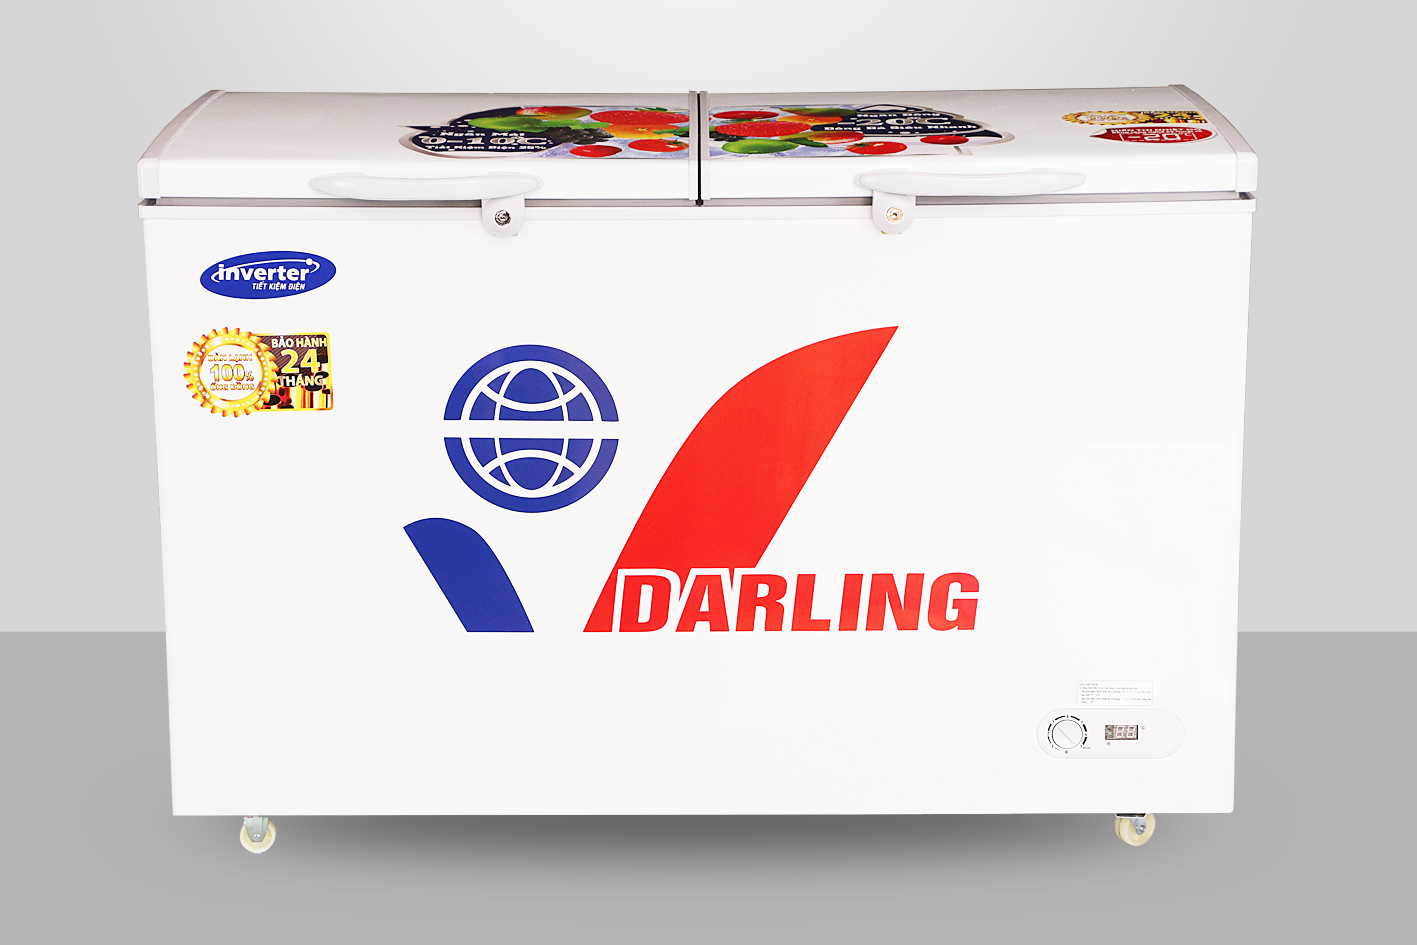 Tủ đông Darling DMF-4699WI - Inverter, Giá tháng 12/2020